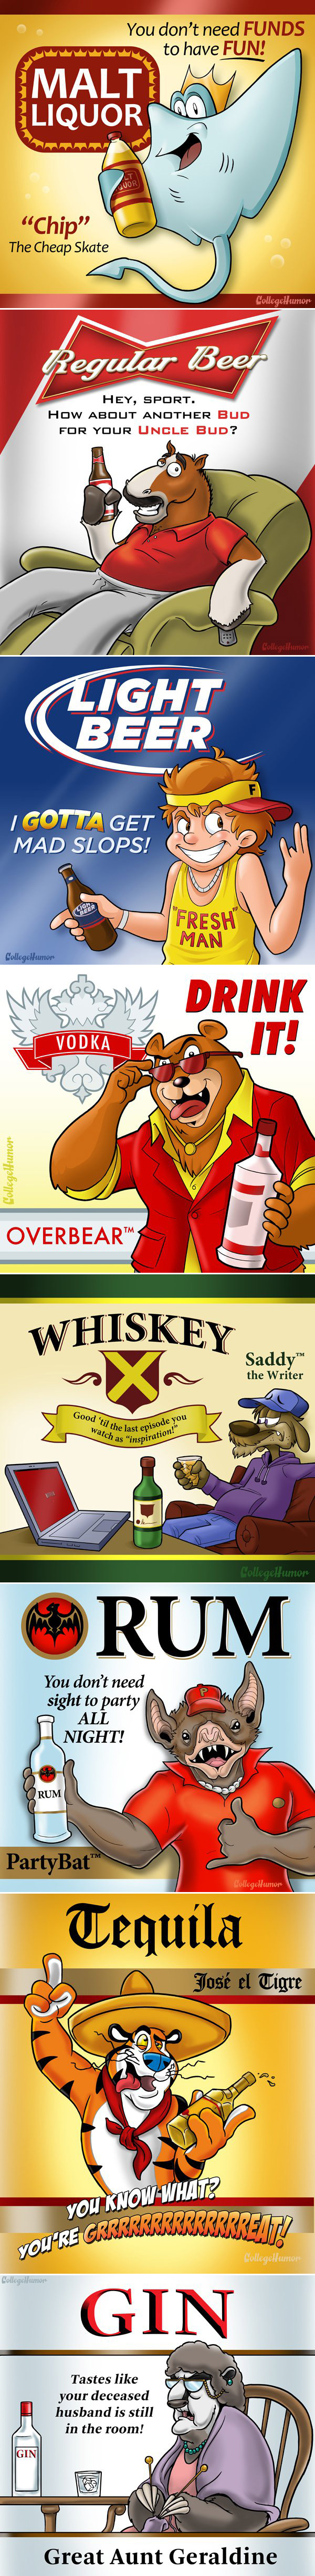 booze mascots